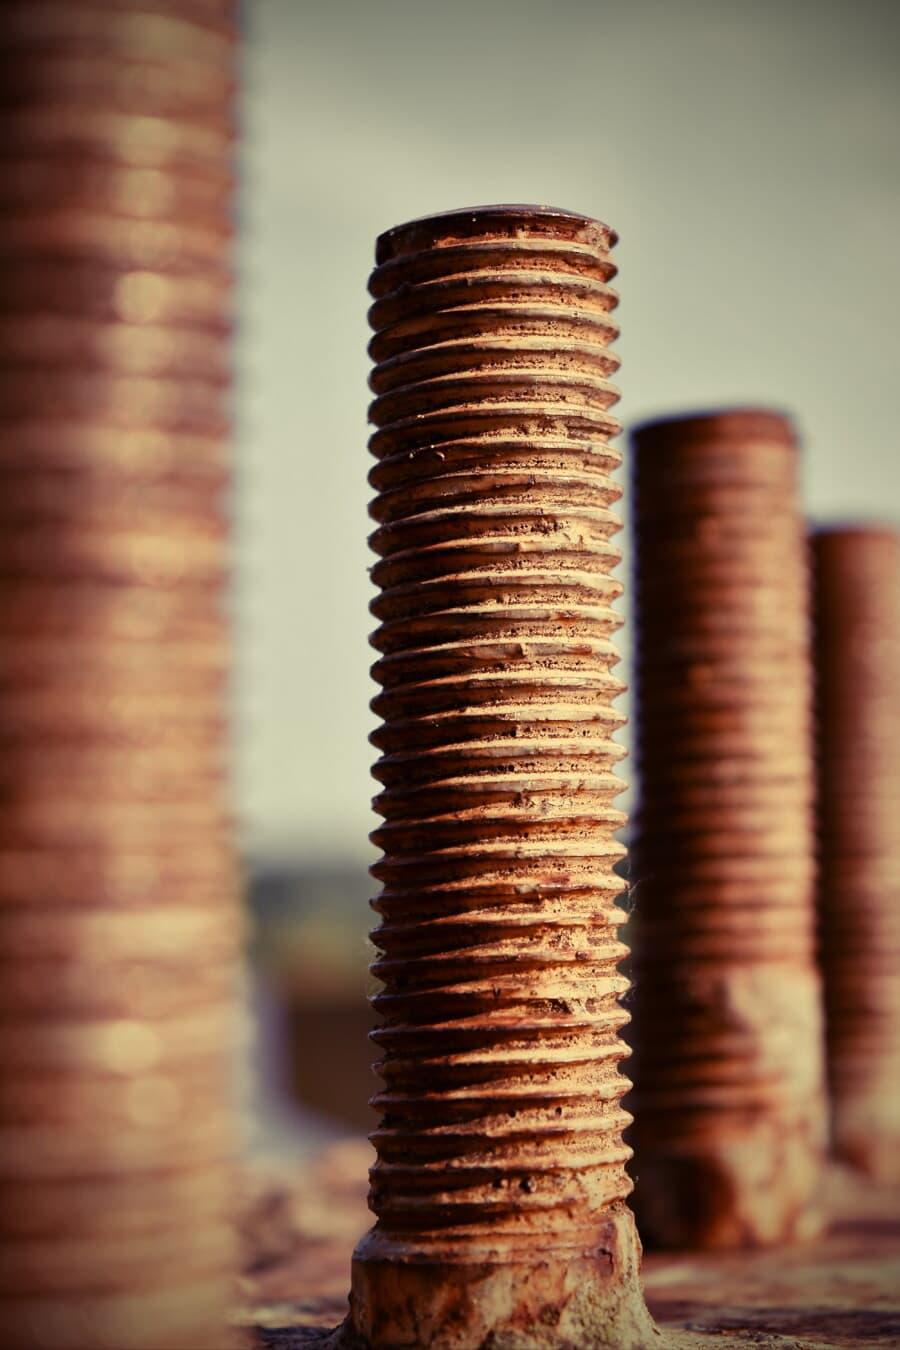 trục vít, chất tẩy rửa, thép, Gang đúc, kim loại, sắt, cũ, phân rã, bẩn, ngành công nghiệp